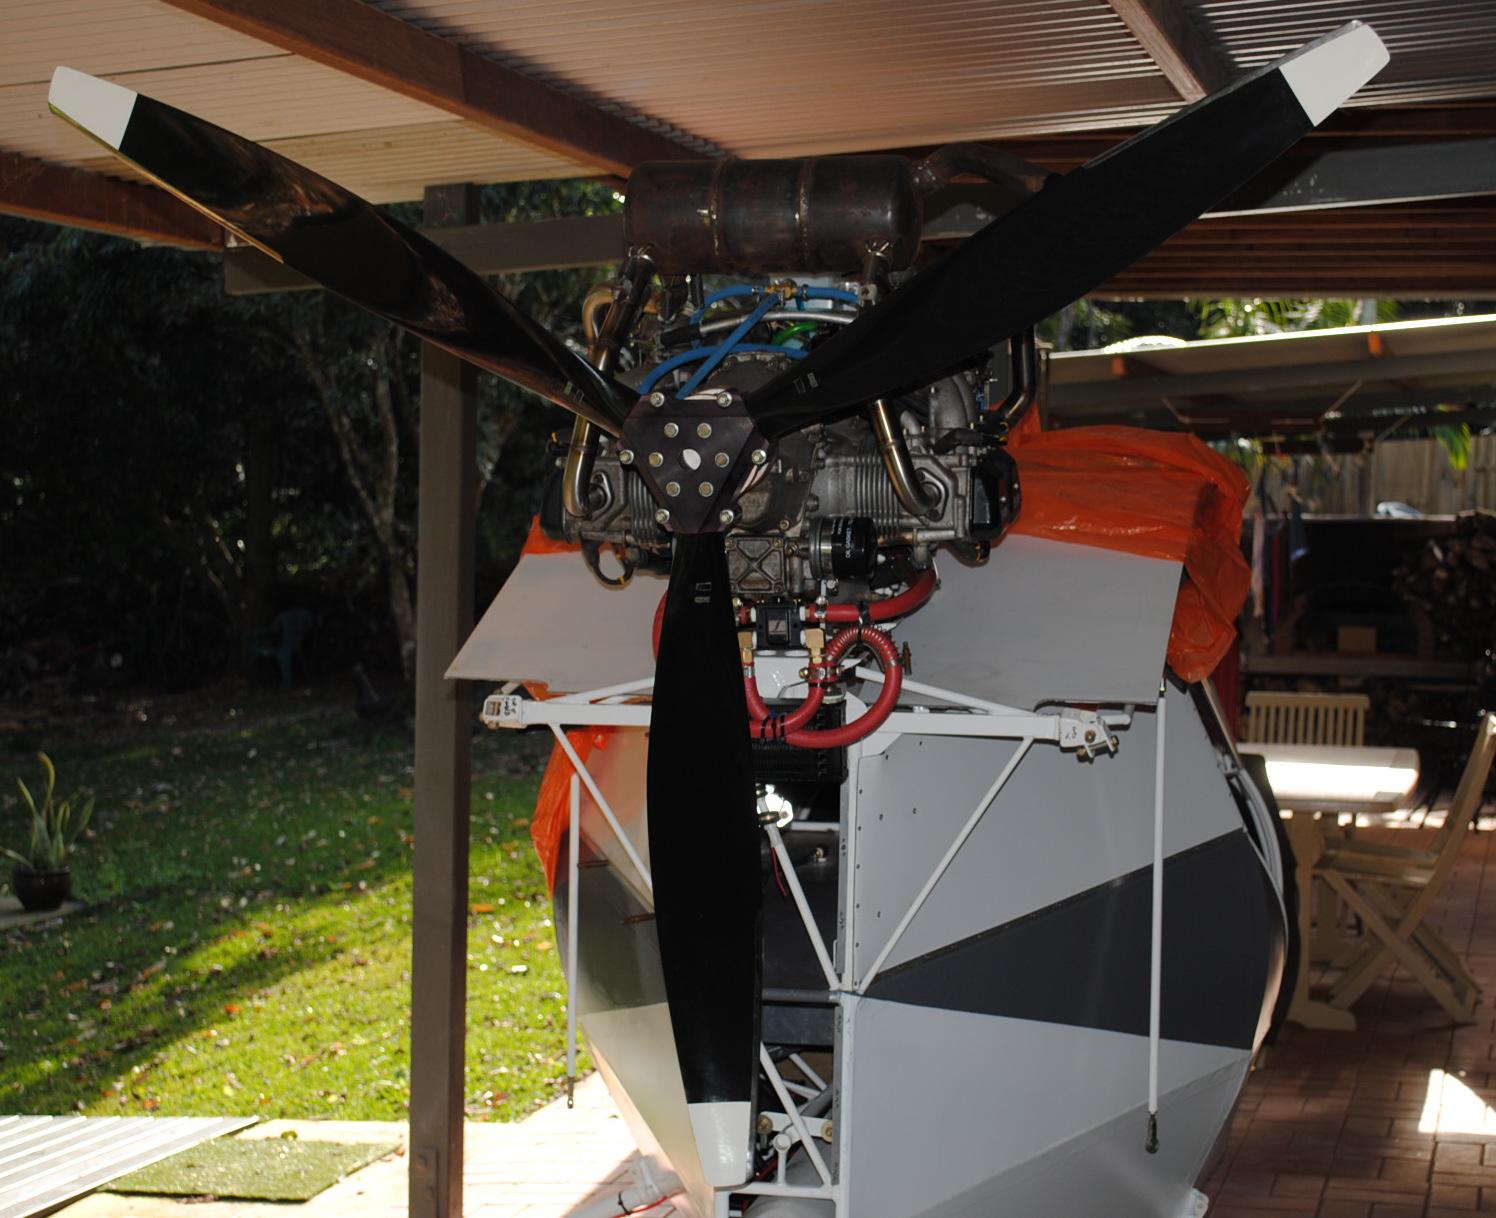 Air Trikes: Propellers